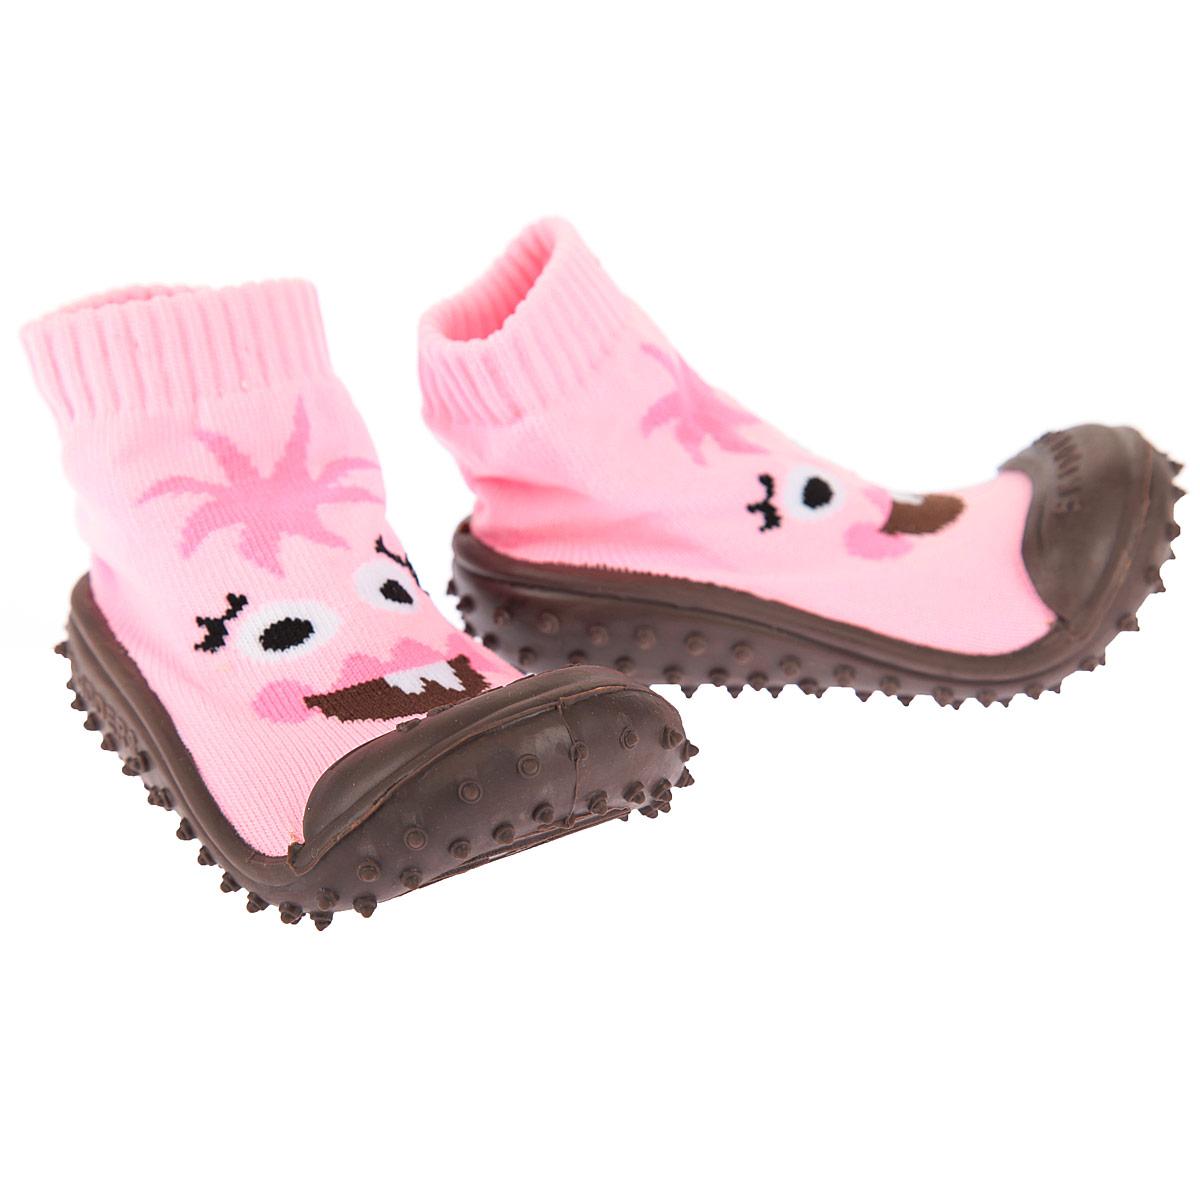 Пинетки для девочки. XY4170XY4170Высокие пинетки Skidders - это инновационная обувь для детей, подходящая как для малышей, которые еще не умеют или только учатся ходить, так и для уверенной ходьбы. Эластичный материал верха пинеток плотно облегает ножку, подобно носочку, даря комфорт и свободу движений малышу. Подошва, выполненная из мягкой резины, очень гибкая и износостойкая, что позволяет носить пинетки не только дома, но и на улице. Подошва повторяет форму стопы ребенка, обеспечивая тем самым ее защиту, а специальные шипы - отличное сцепление с поверхностью. Пинетки оснащены анатомической стелькой, созданной специально для правильного формирования свода детской стопы. Модель оформлена изображением забавной мордочки, подошва выполнена в контрастном цвете. Такие пинетки - отличное решение для малышей и их родителей!